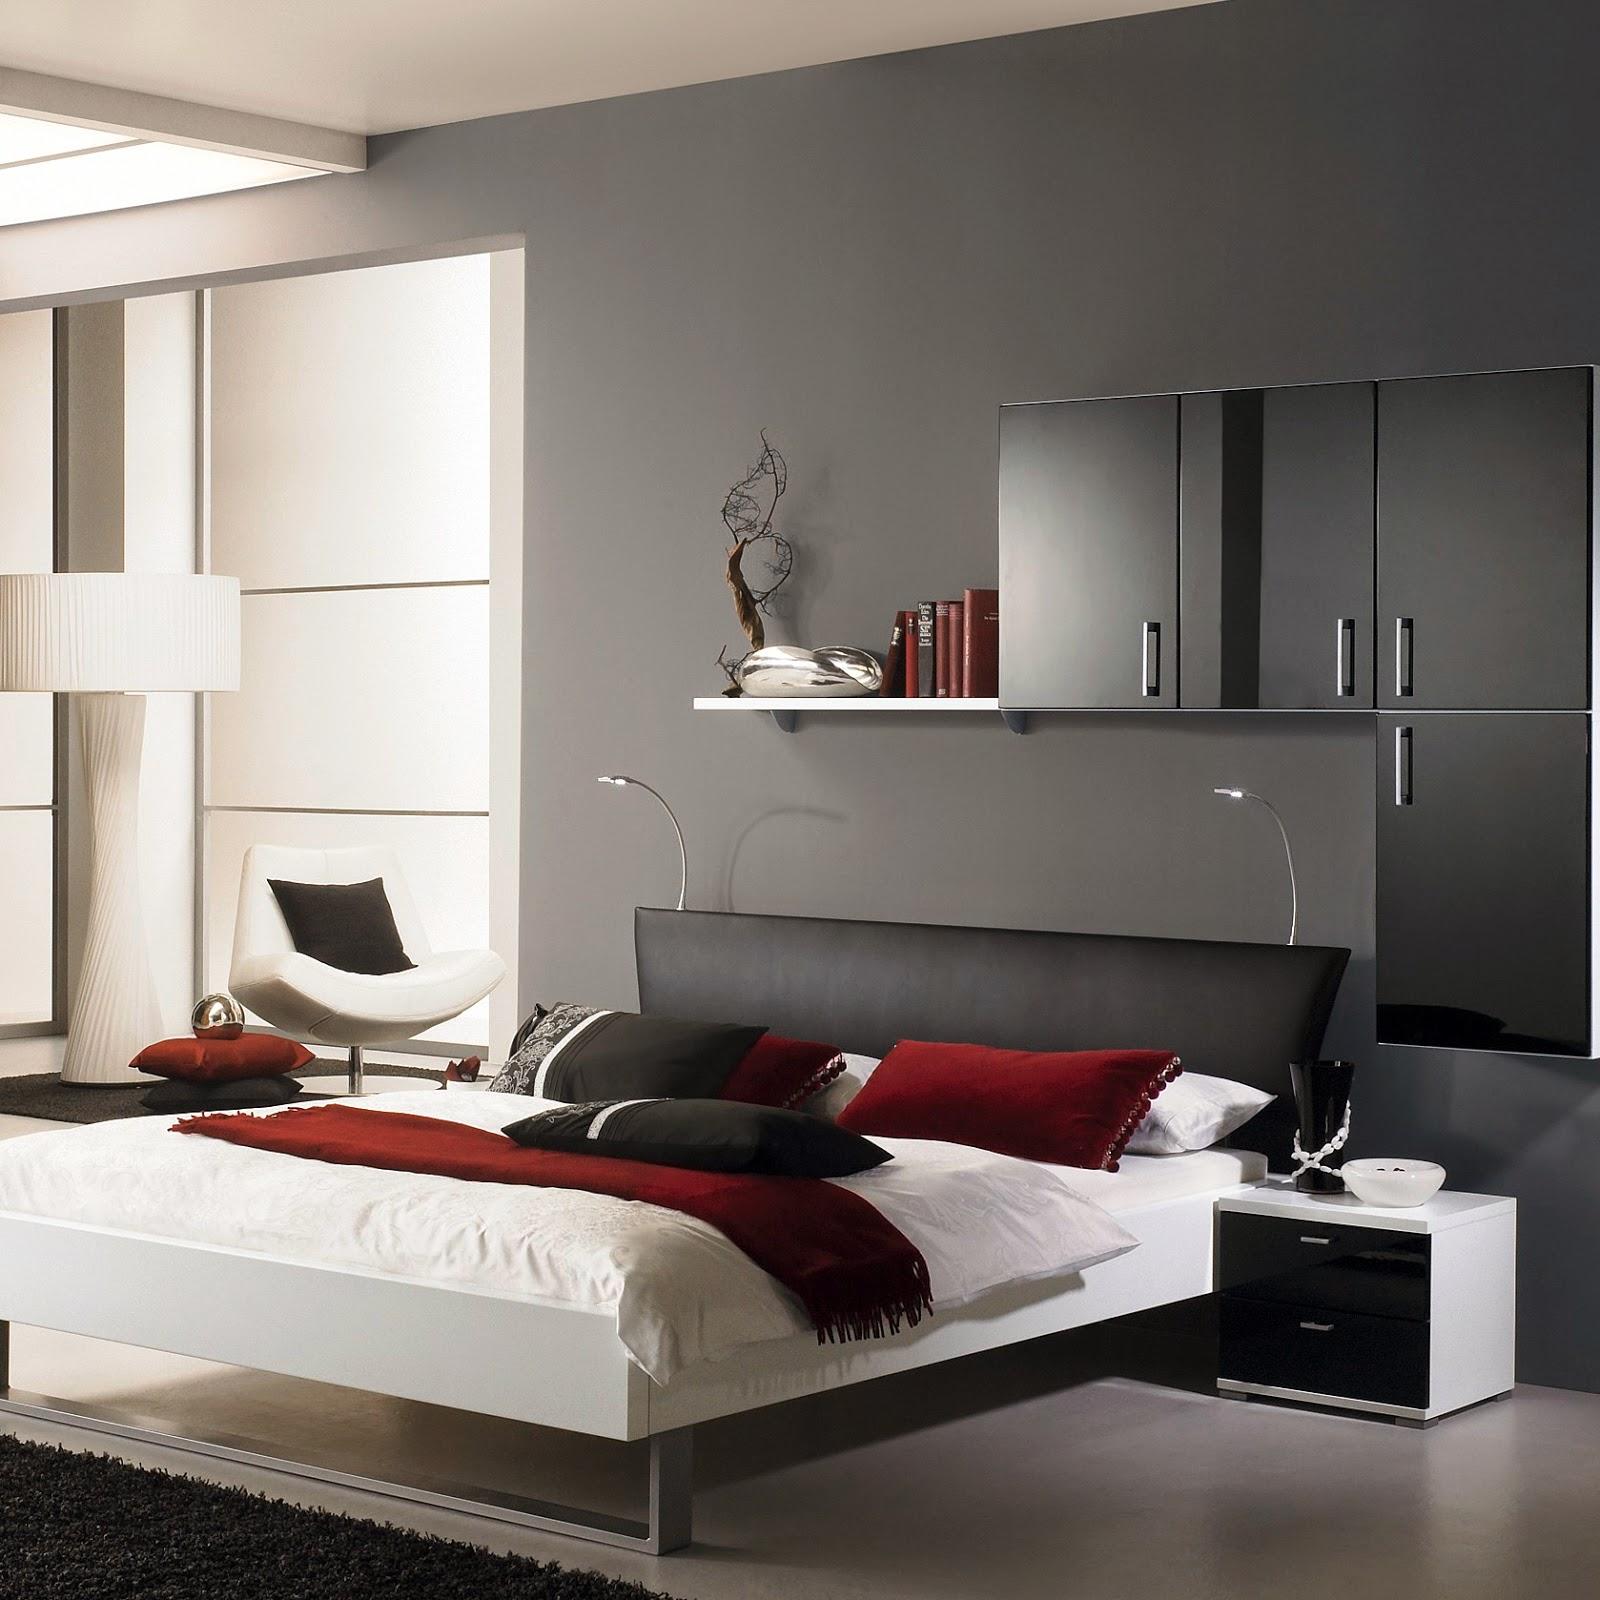 Schlafzimmer Deko Ideen: Beruhigende Farben Fürs Schlafzimmer